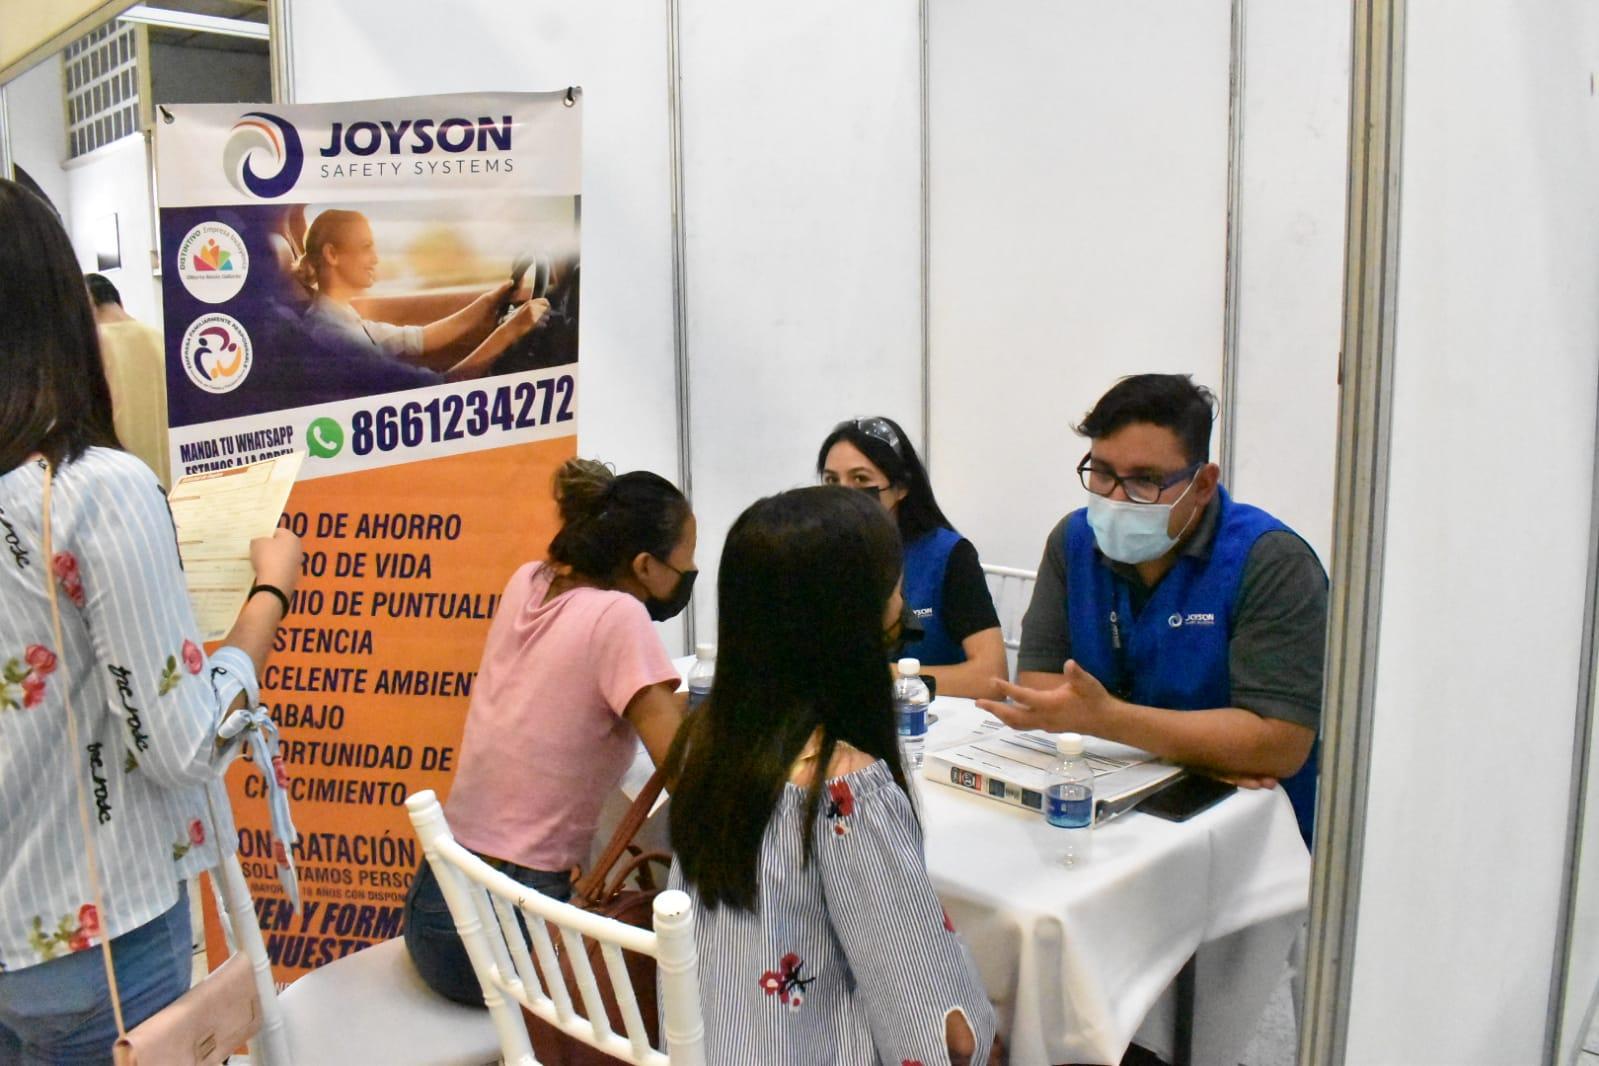 Feria del empleo tiene 400 vacantes para ciudadanos de la Región Centro